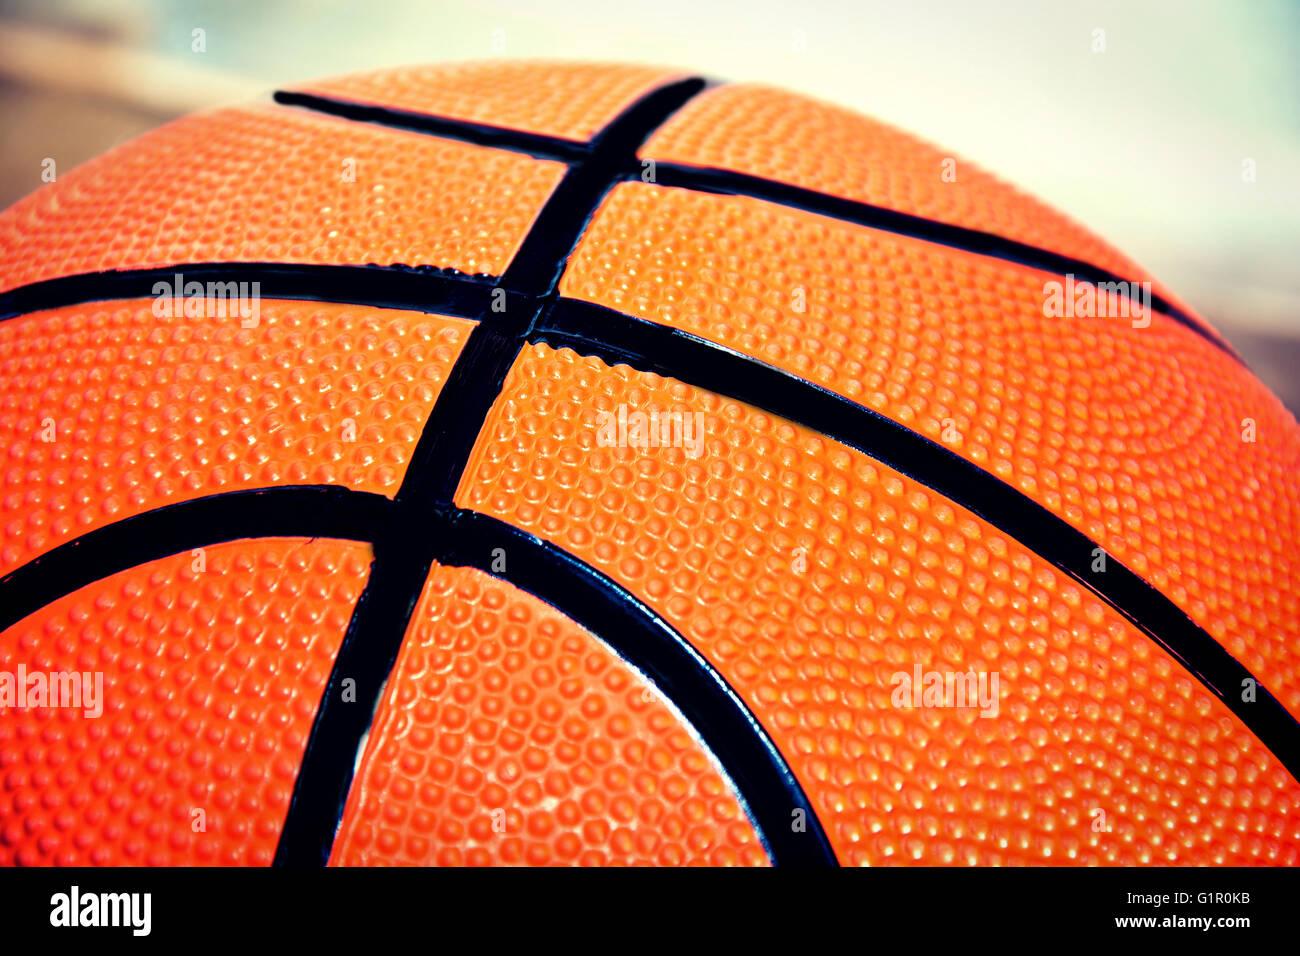 Gioco di basket. Il basket ball chiudere l'immagine. Immagini Stock